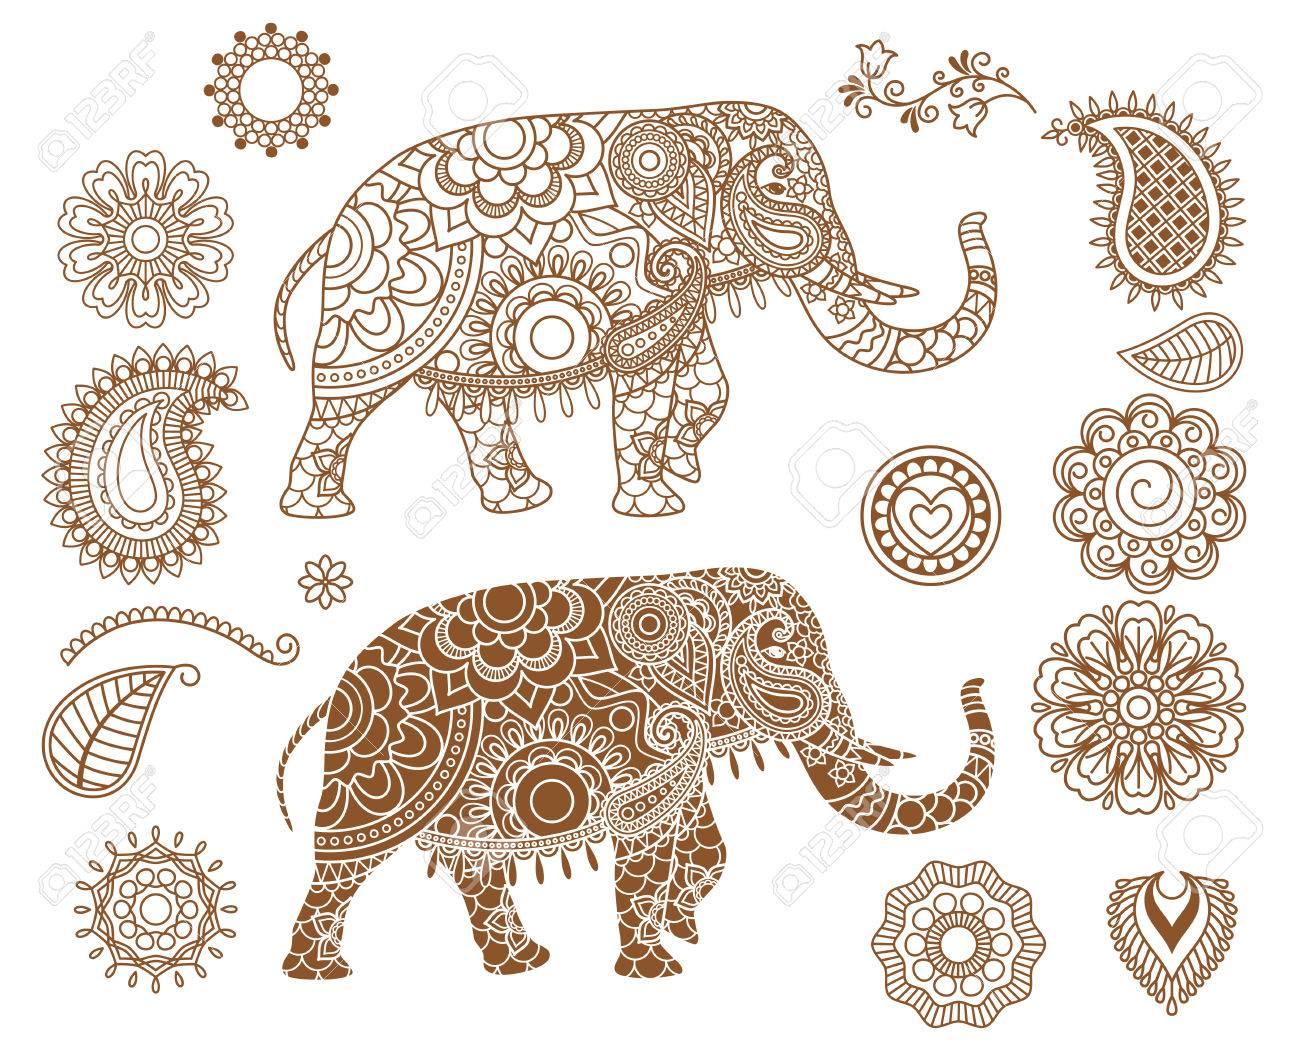 Indian Elephant With Mehendi Patterns Isolated Ethnic Henna